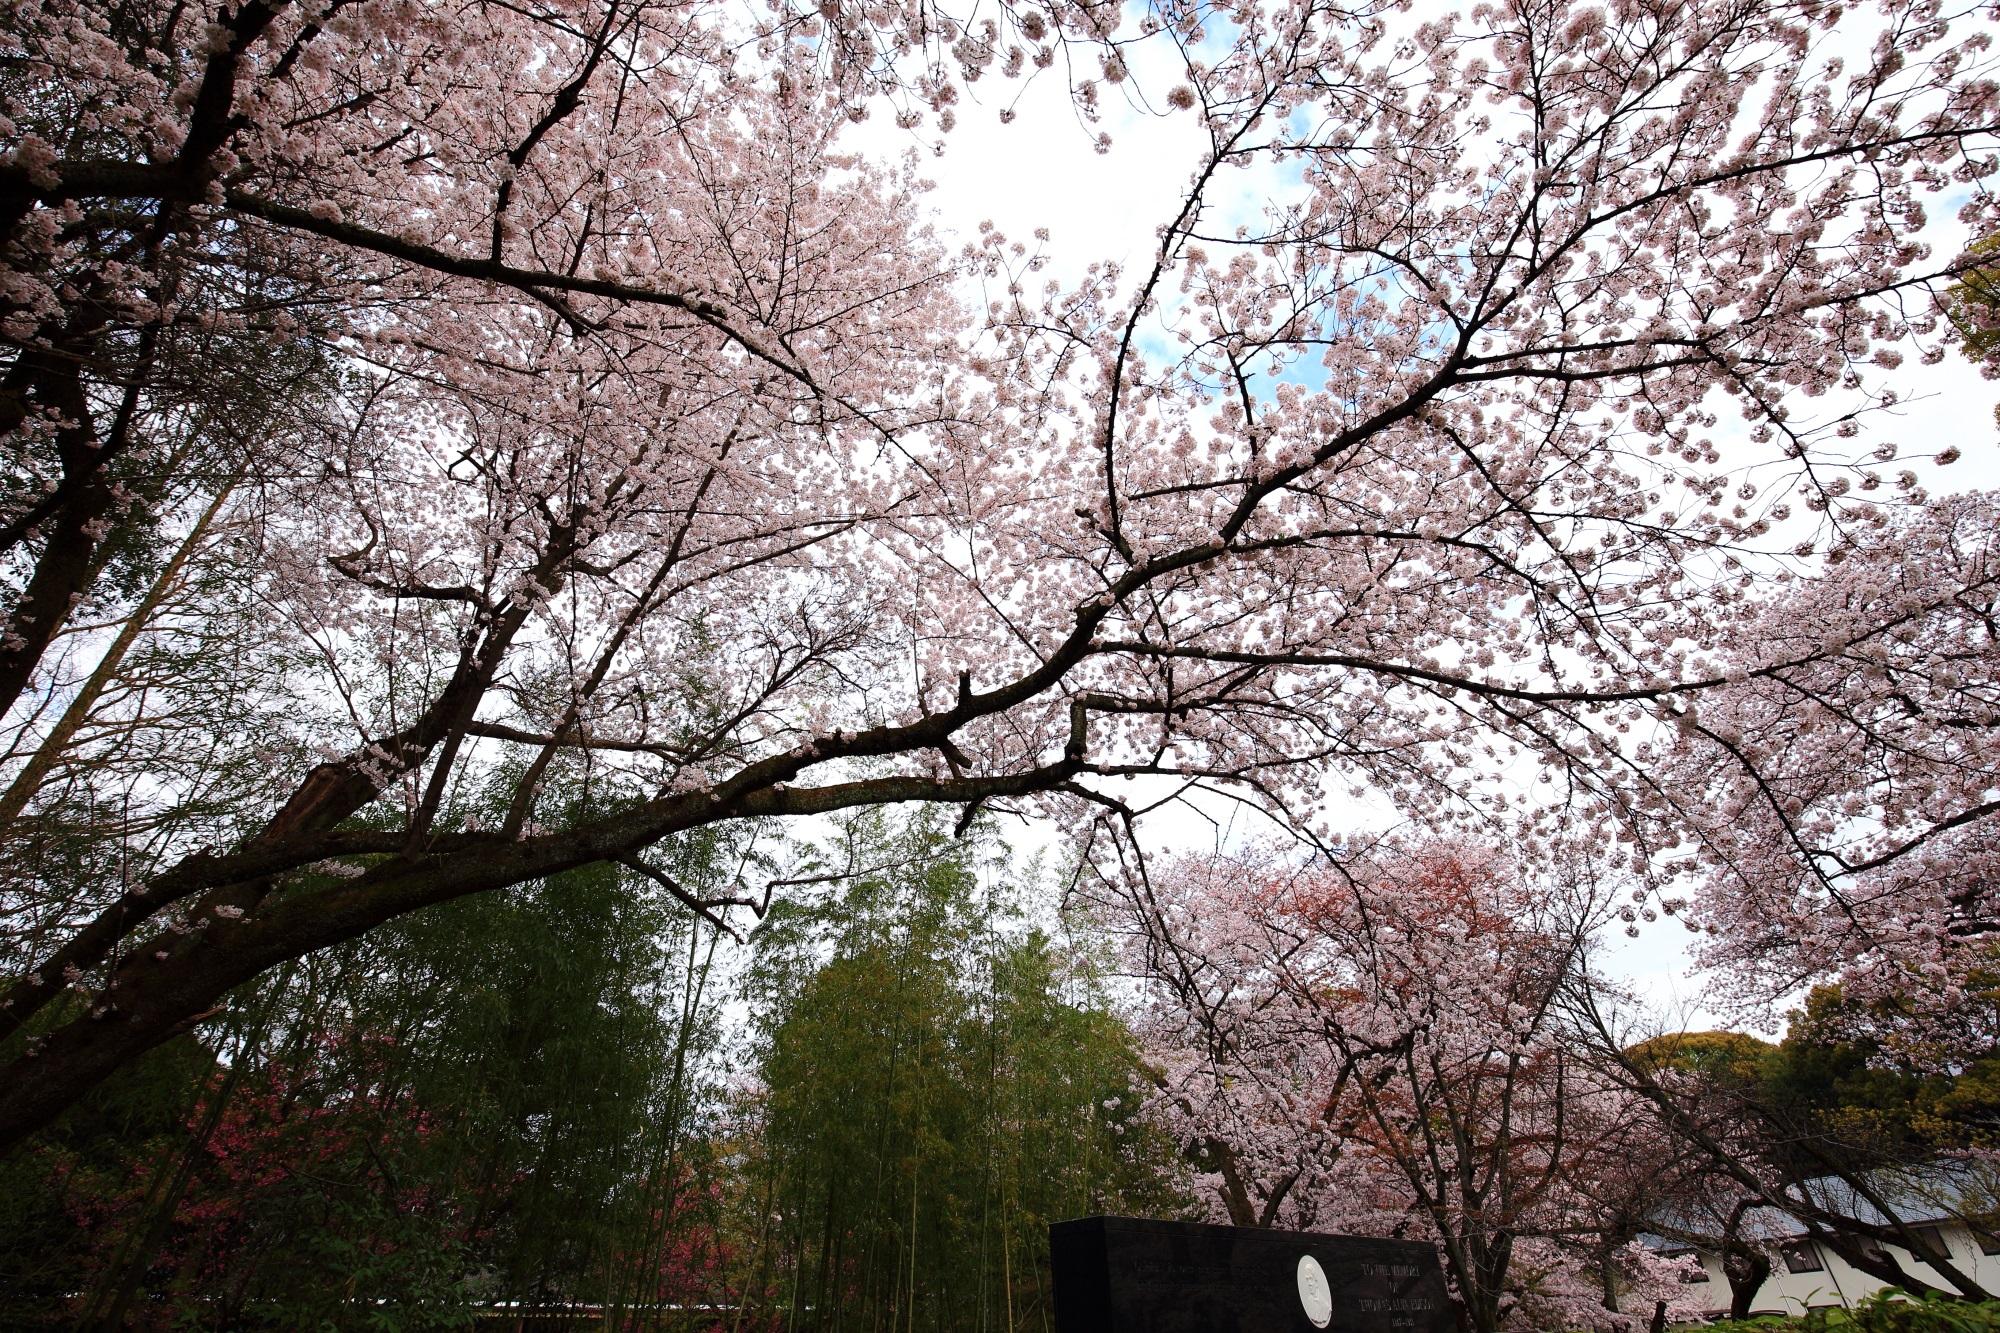 エジソン推しの石清水八幡宮のエジソン記念碑をつつむ立派な桜